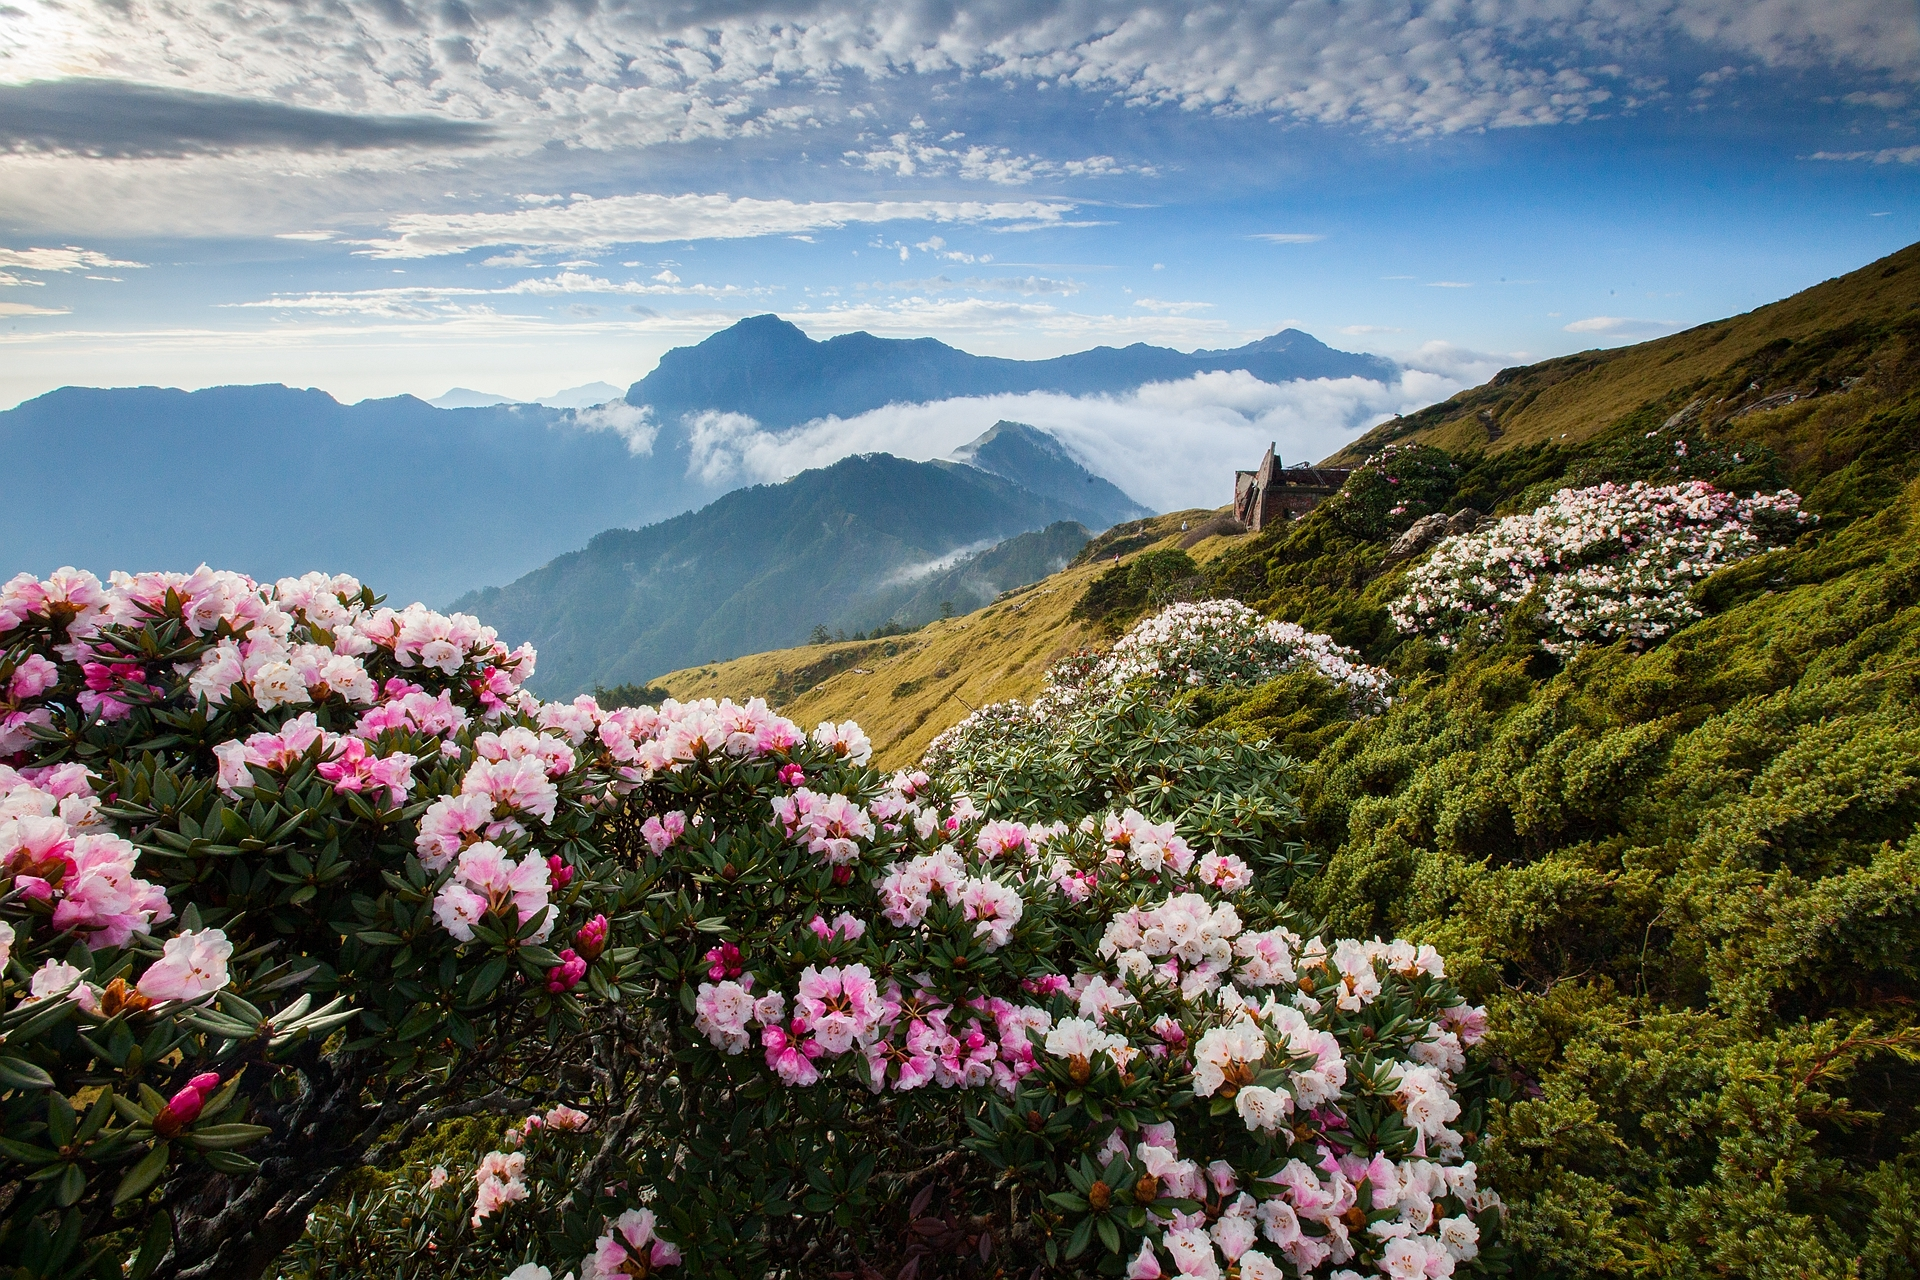 цветущие горы картинка больше